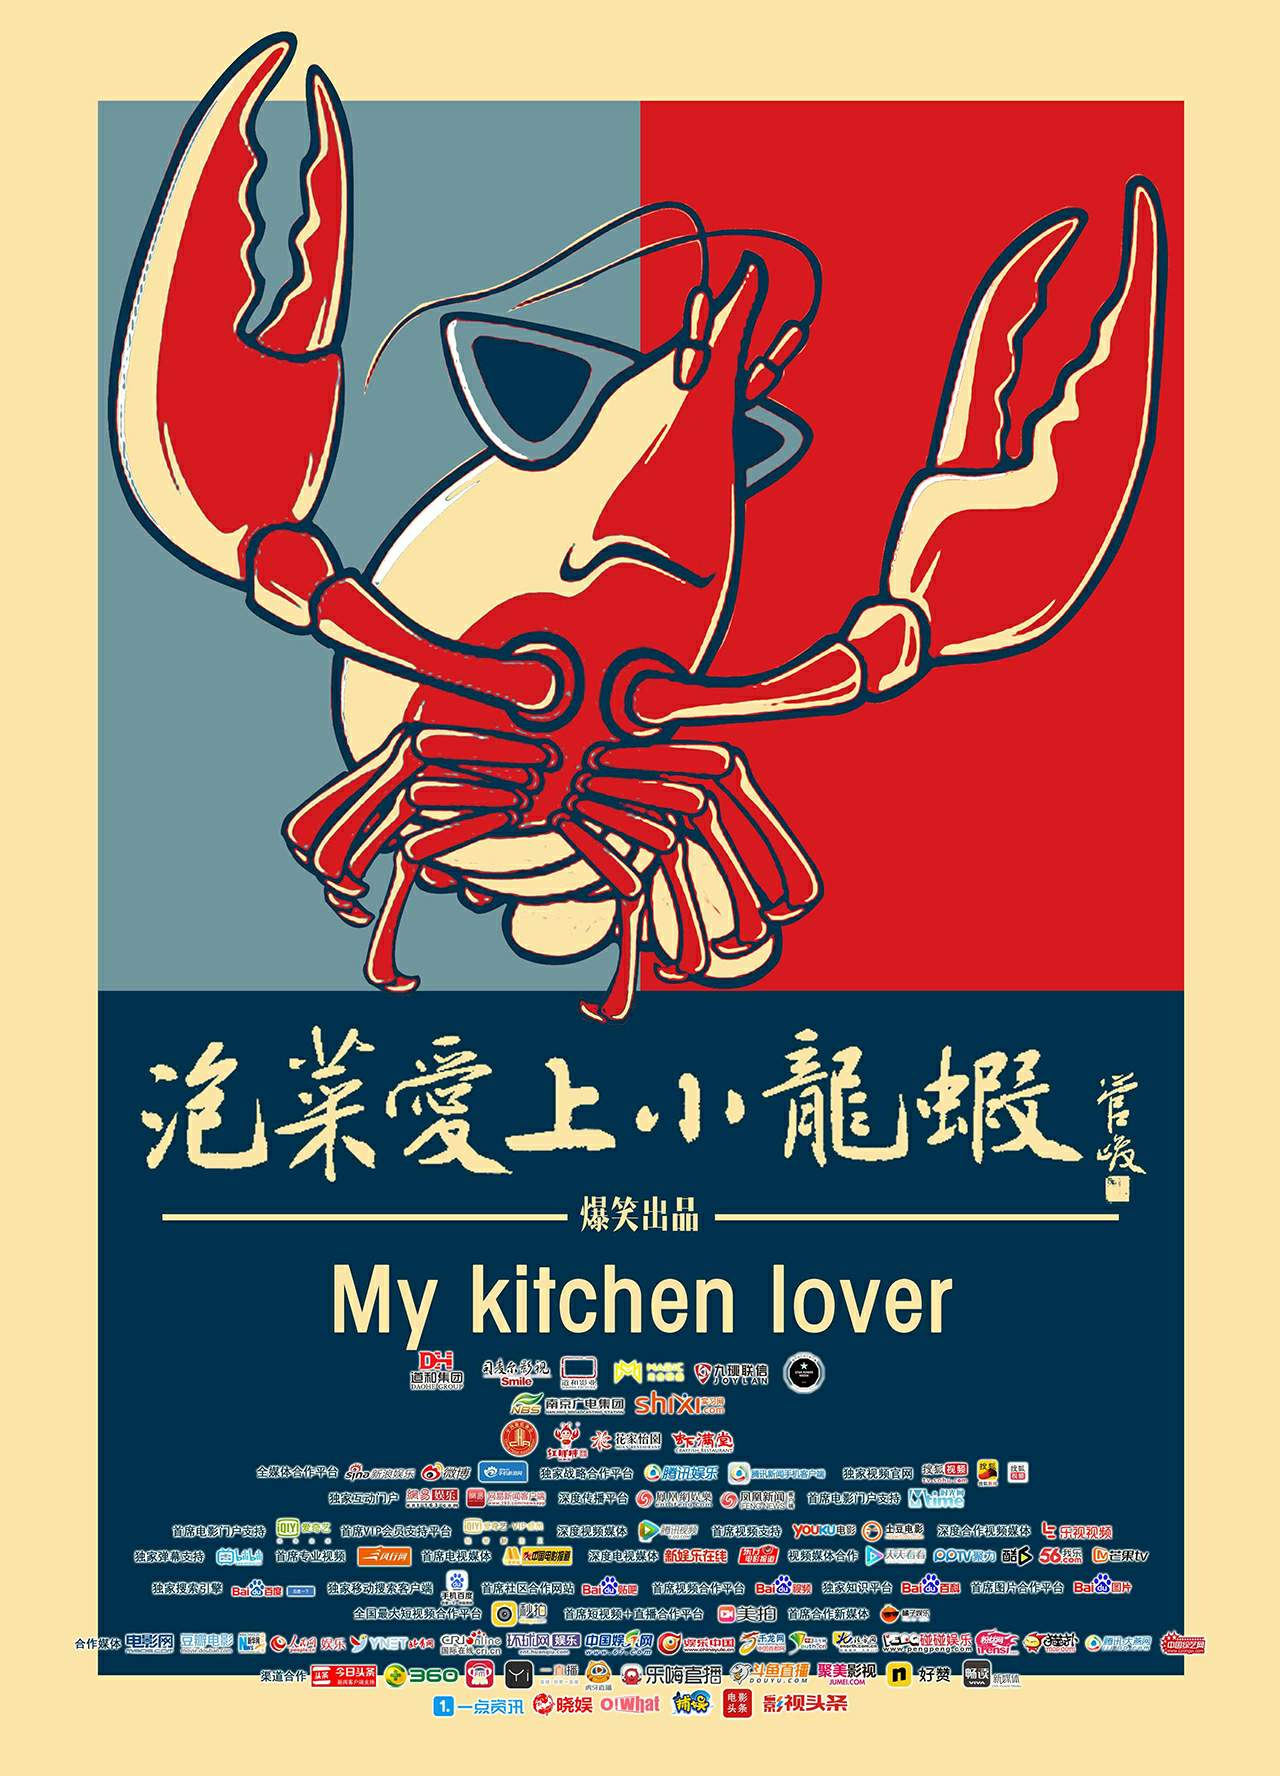 泡菜爱上小龙虾》发诙谐版海报 小龙虾拟人上线